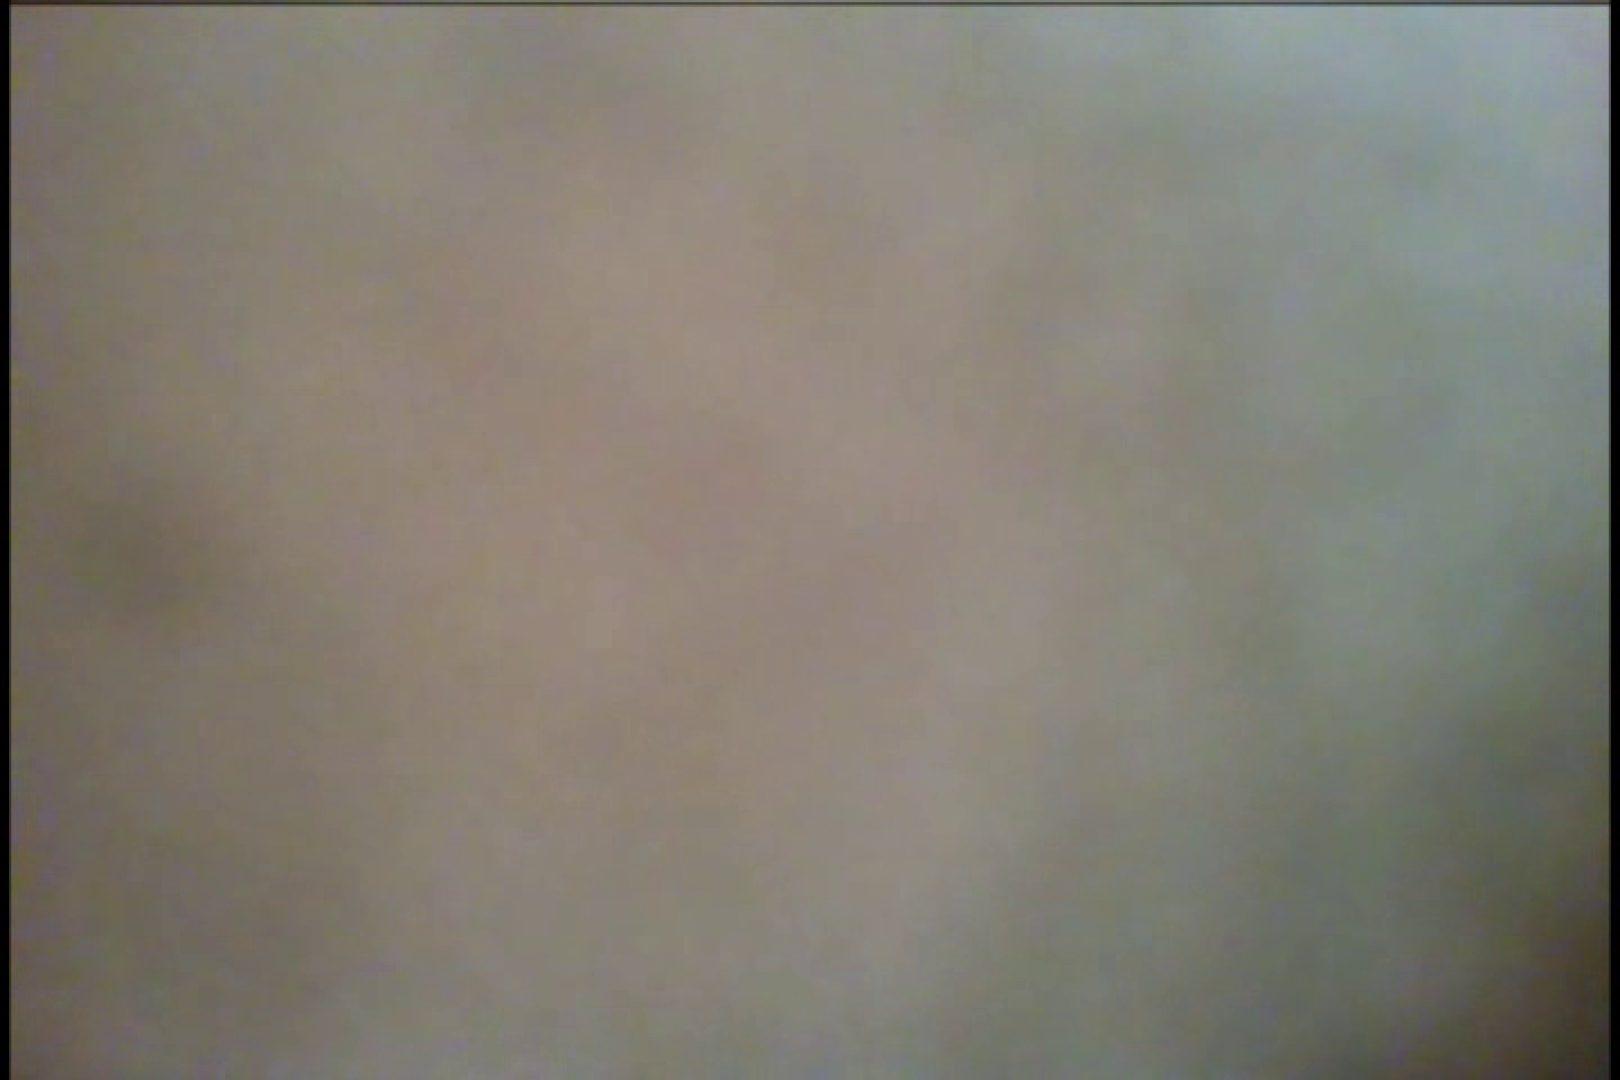 潜入!!女子化粧室盗撮~絶対見られたくない時間~vo,37 ナプキン SEX無修正画像 79pic 54